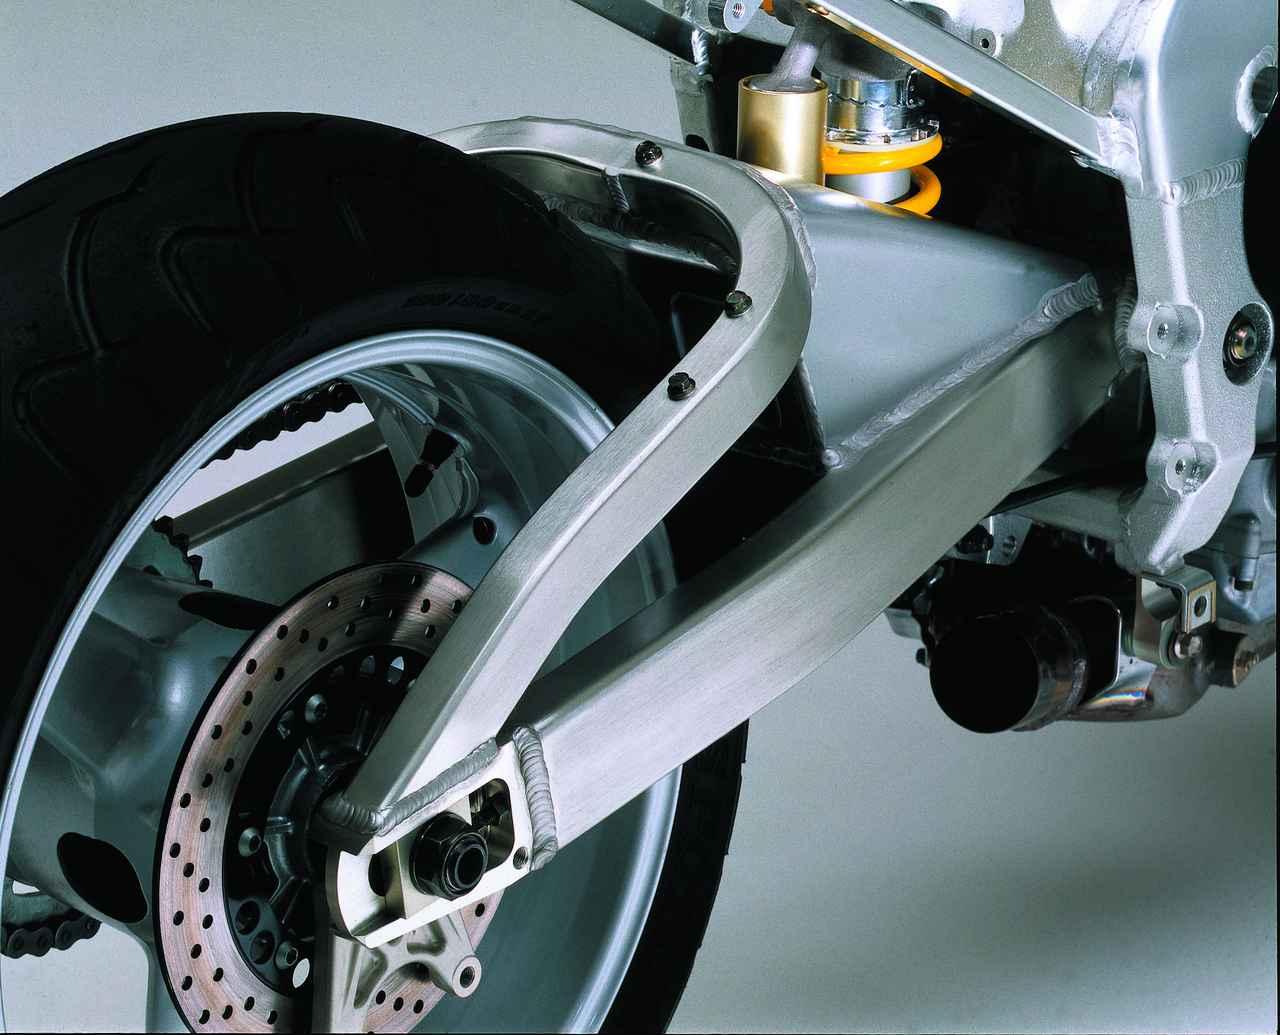 画像: コーナリング中のアクセル・オン/ オフによるタイヤの接地点の移動を小さくするロングスイングアーム。ドライブチェーンのテンション管理にも寄与している。リアショックのボトムリンクはブーメラン式を採用。